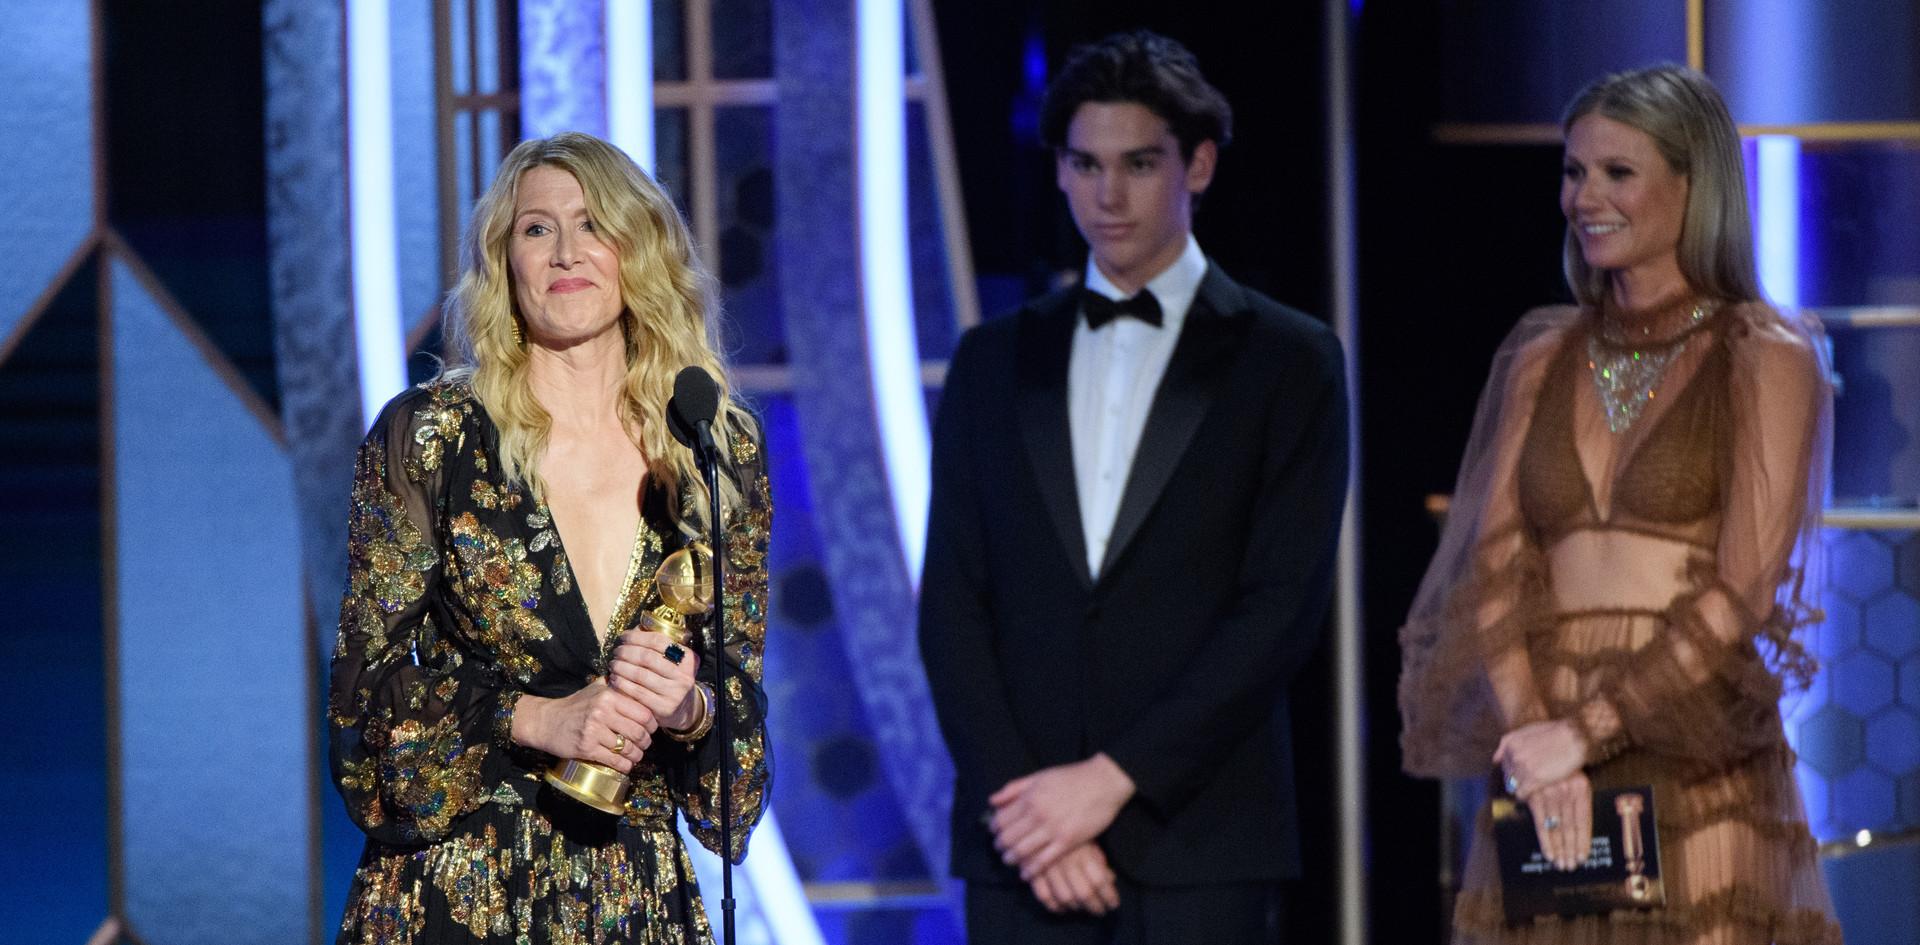 """Laura Dern recebendo o Golden Globe, como Melhor Actriz Secundária no Melhor Filme: """"Marriage Story"""", na cerimónia da entrega dos Globos de Ouro no 77th Annual Golden Globes Awards no Beverly Hilton em Beverly Hills, CA. Fotografia: HFPA Photographer."""